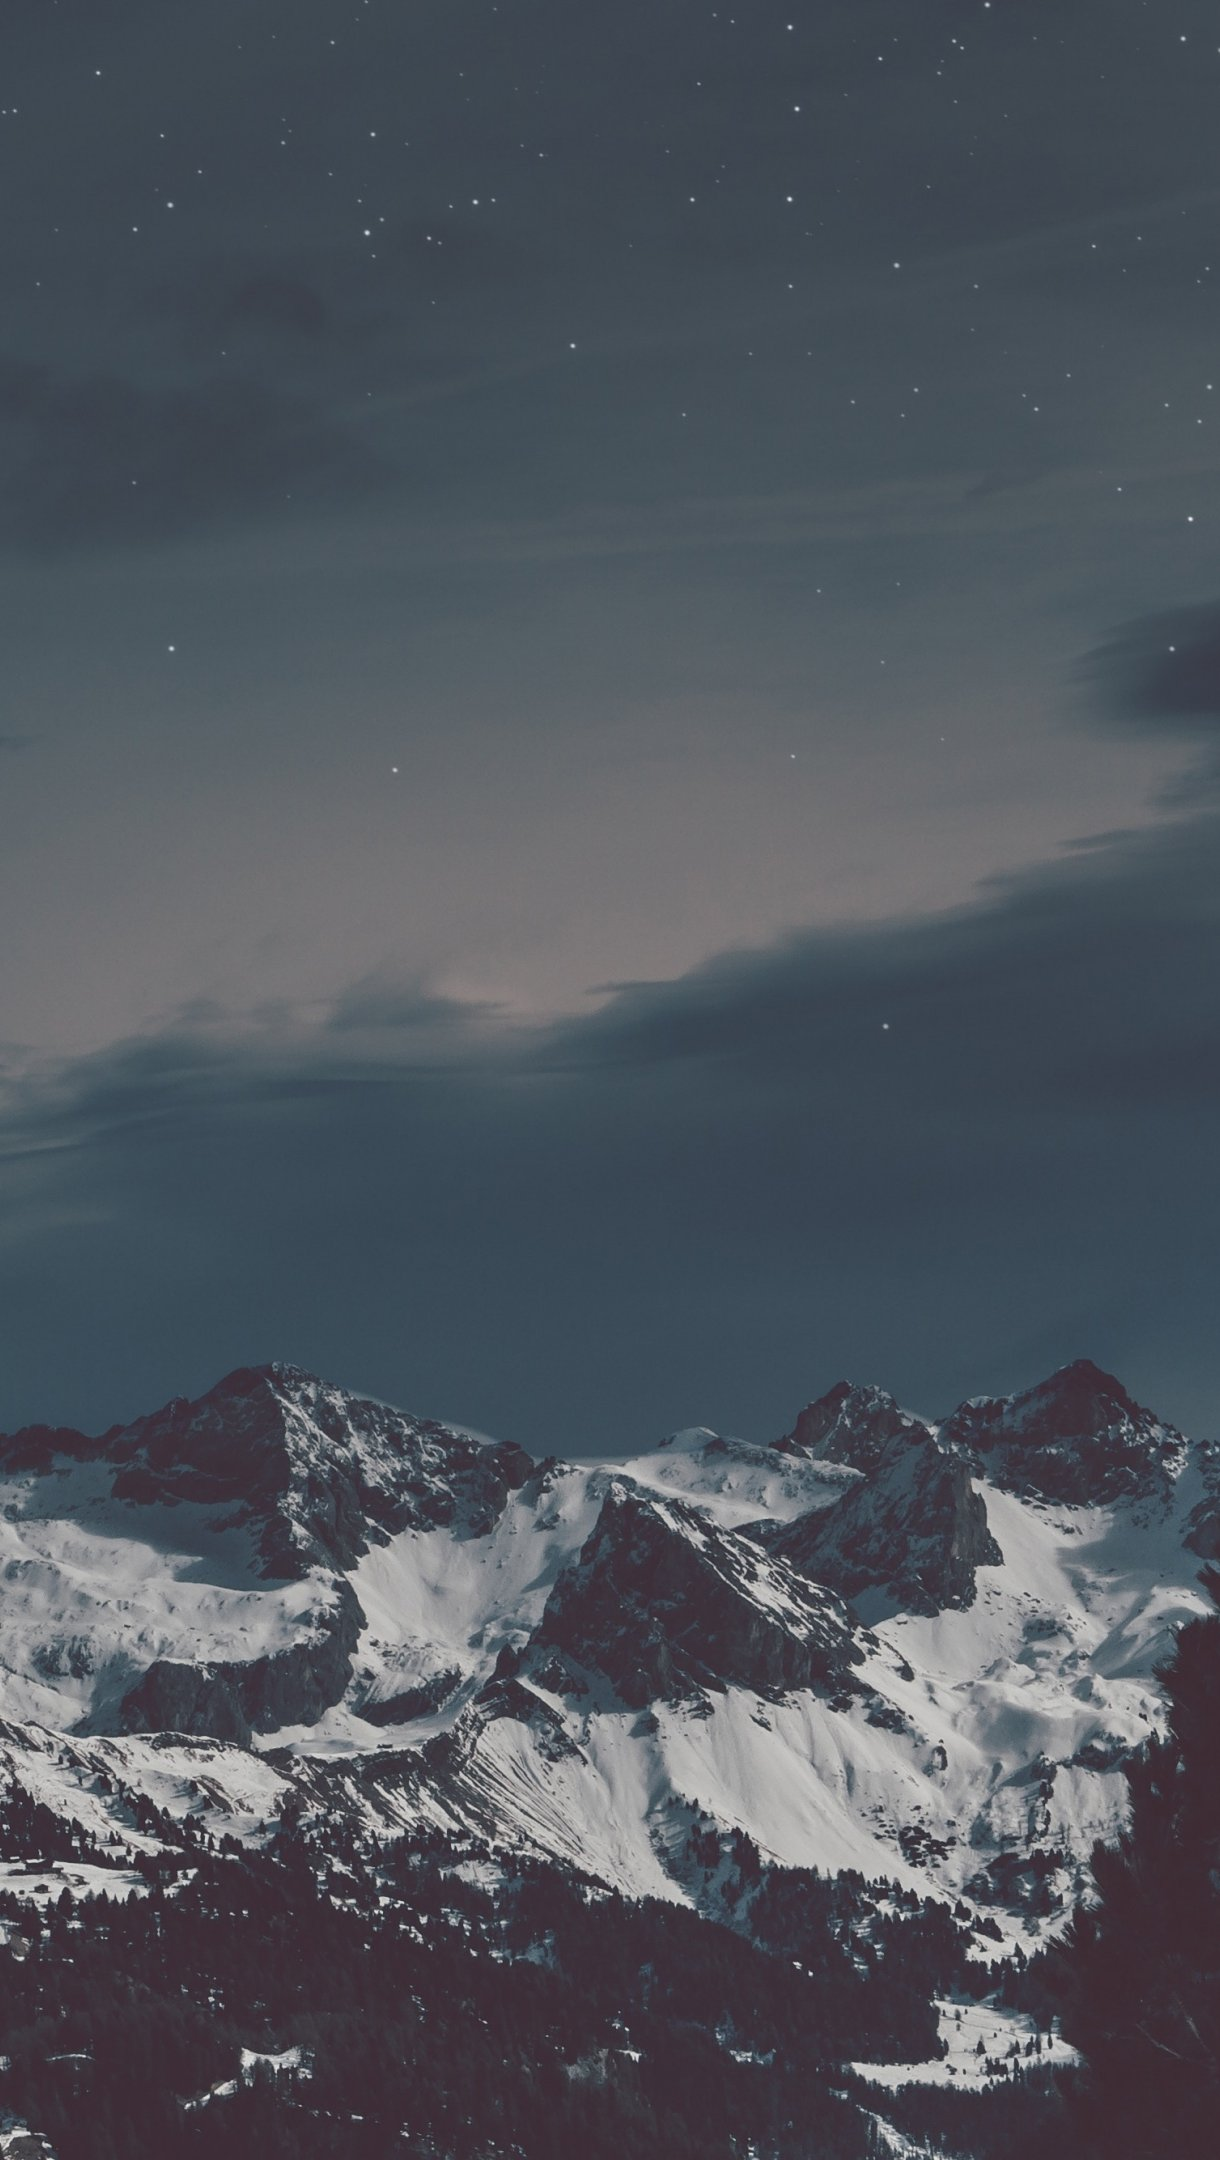 Fondos de pantalla Montañas nevadas Vertical